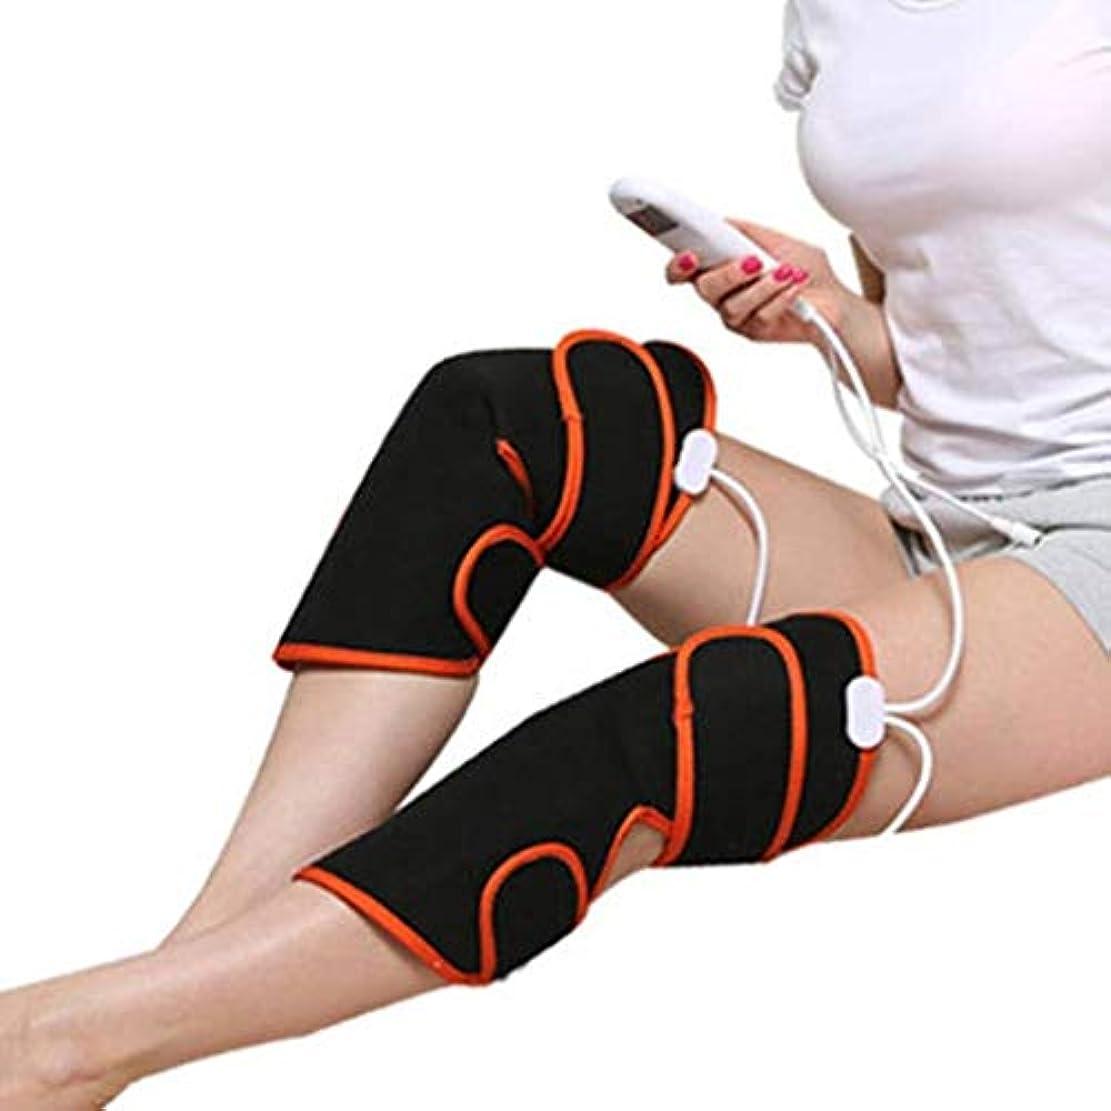 ご覧くださいアサー一貫性のない暖房付き膝マッサージャー、電動バイブレーションマッサージャー、膝マッサージャーを定期的に加熱できます、筋肉の痛みを緩和するモード、9モード、冷たい脚、骨過形成患者、術後リハビリ